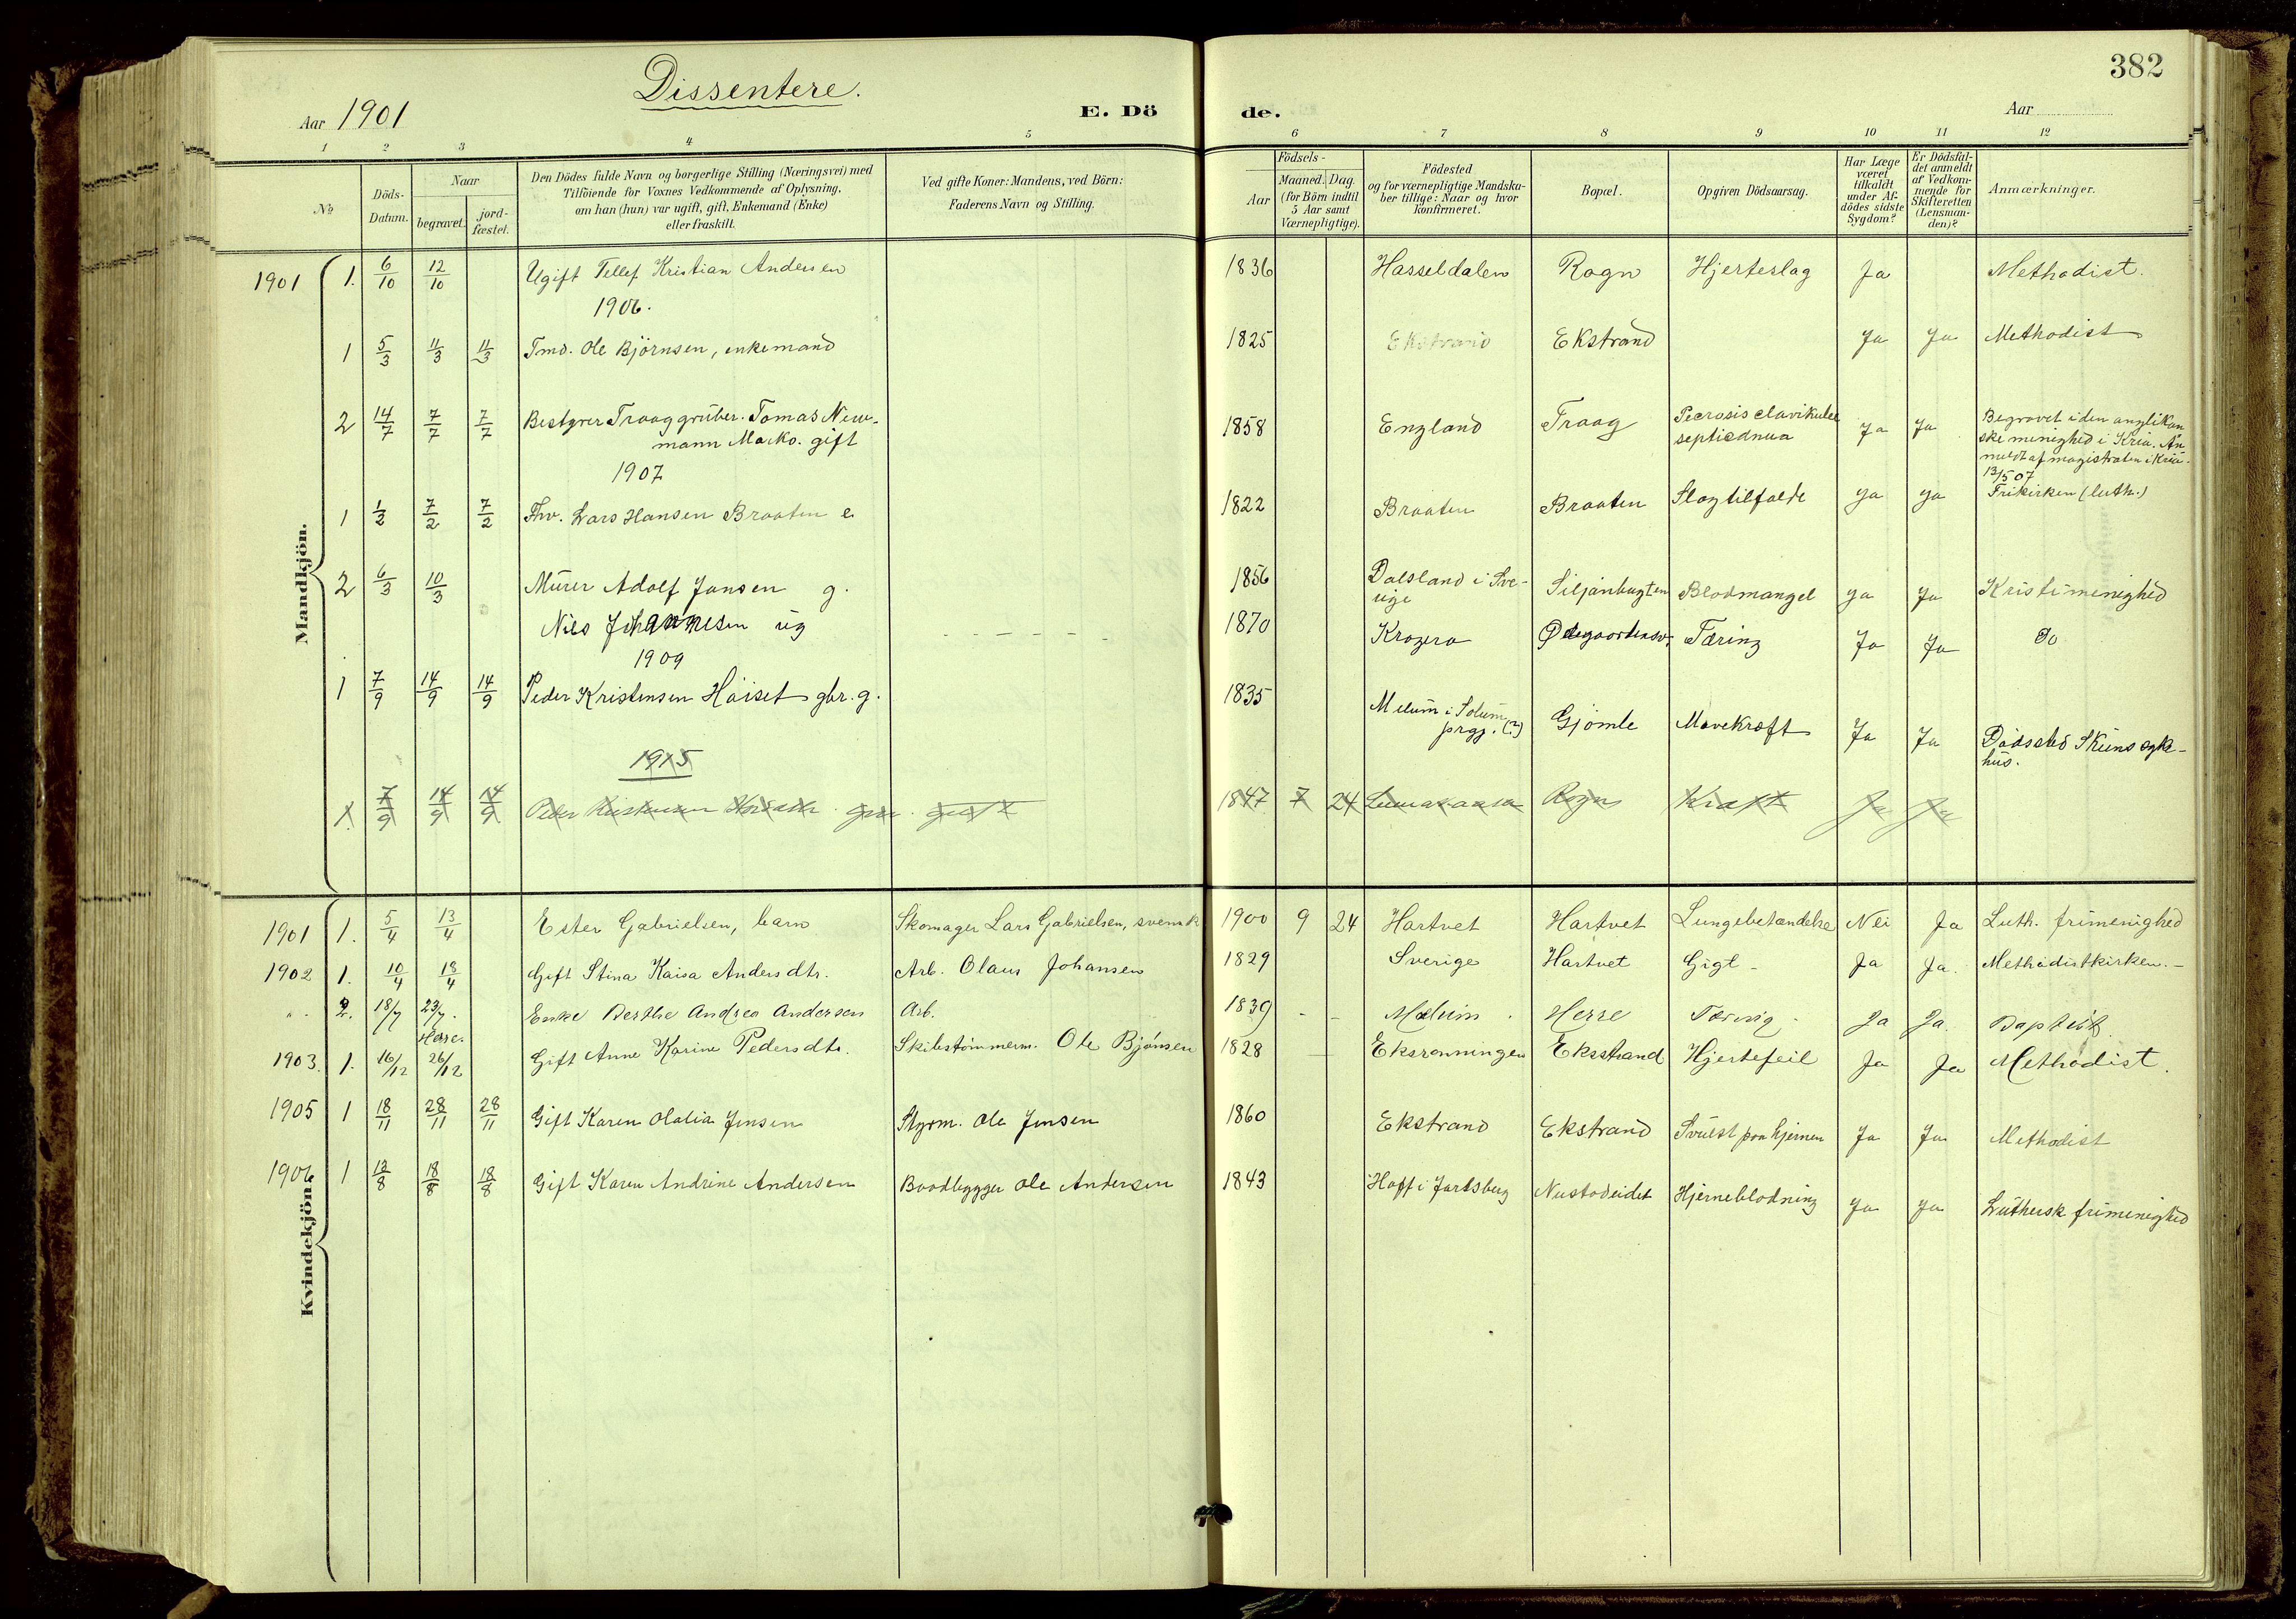 SAKO, Bamble kirkebøker, G/Ga/L0010: Klokkerbok nr. I 10, 1901-1919, s. 382